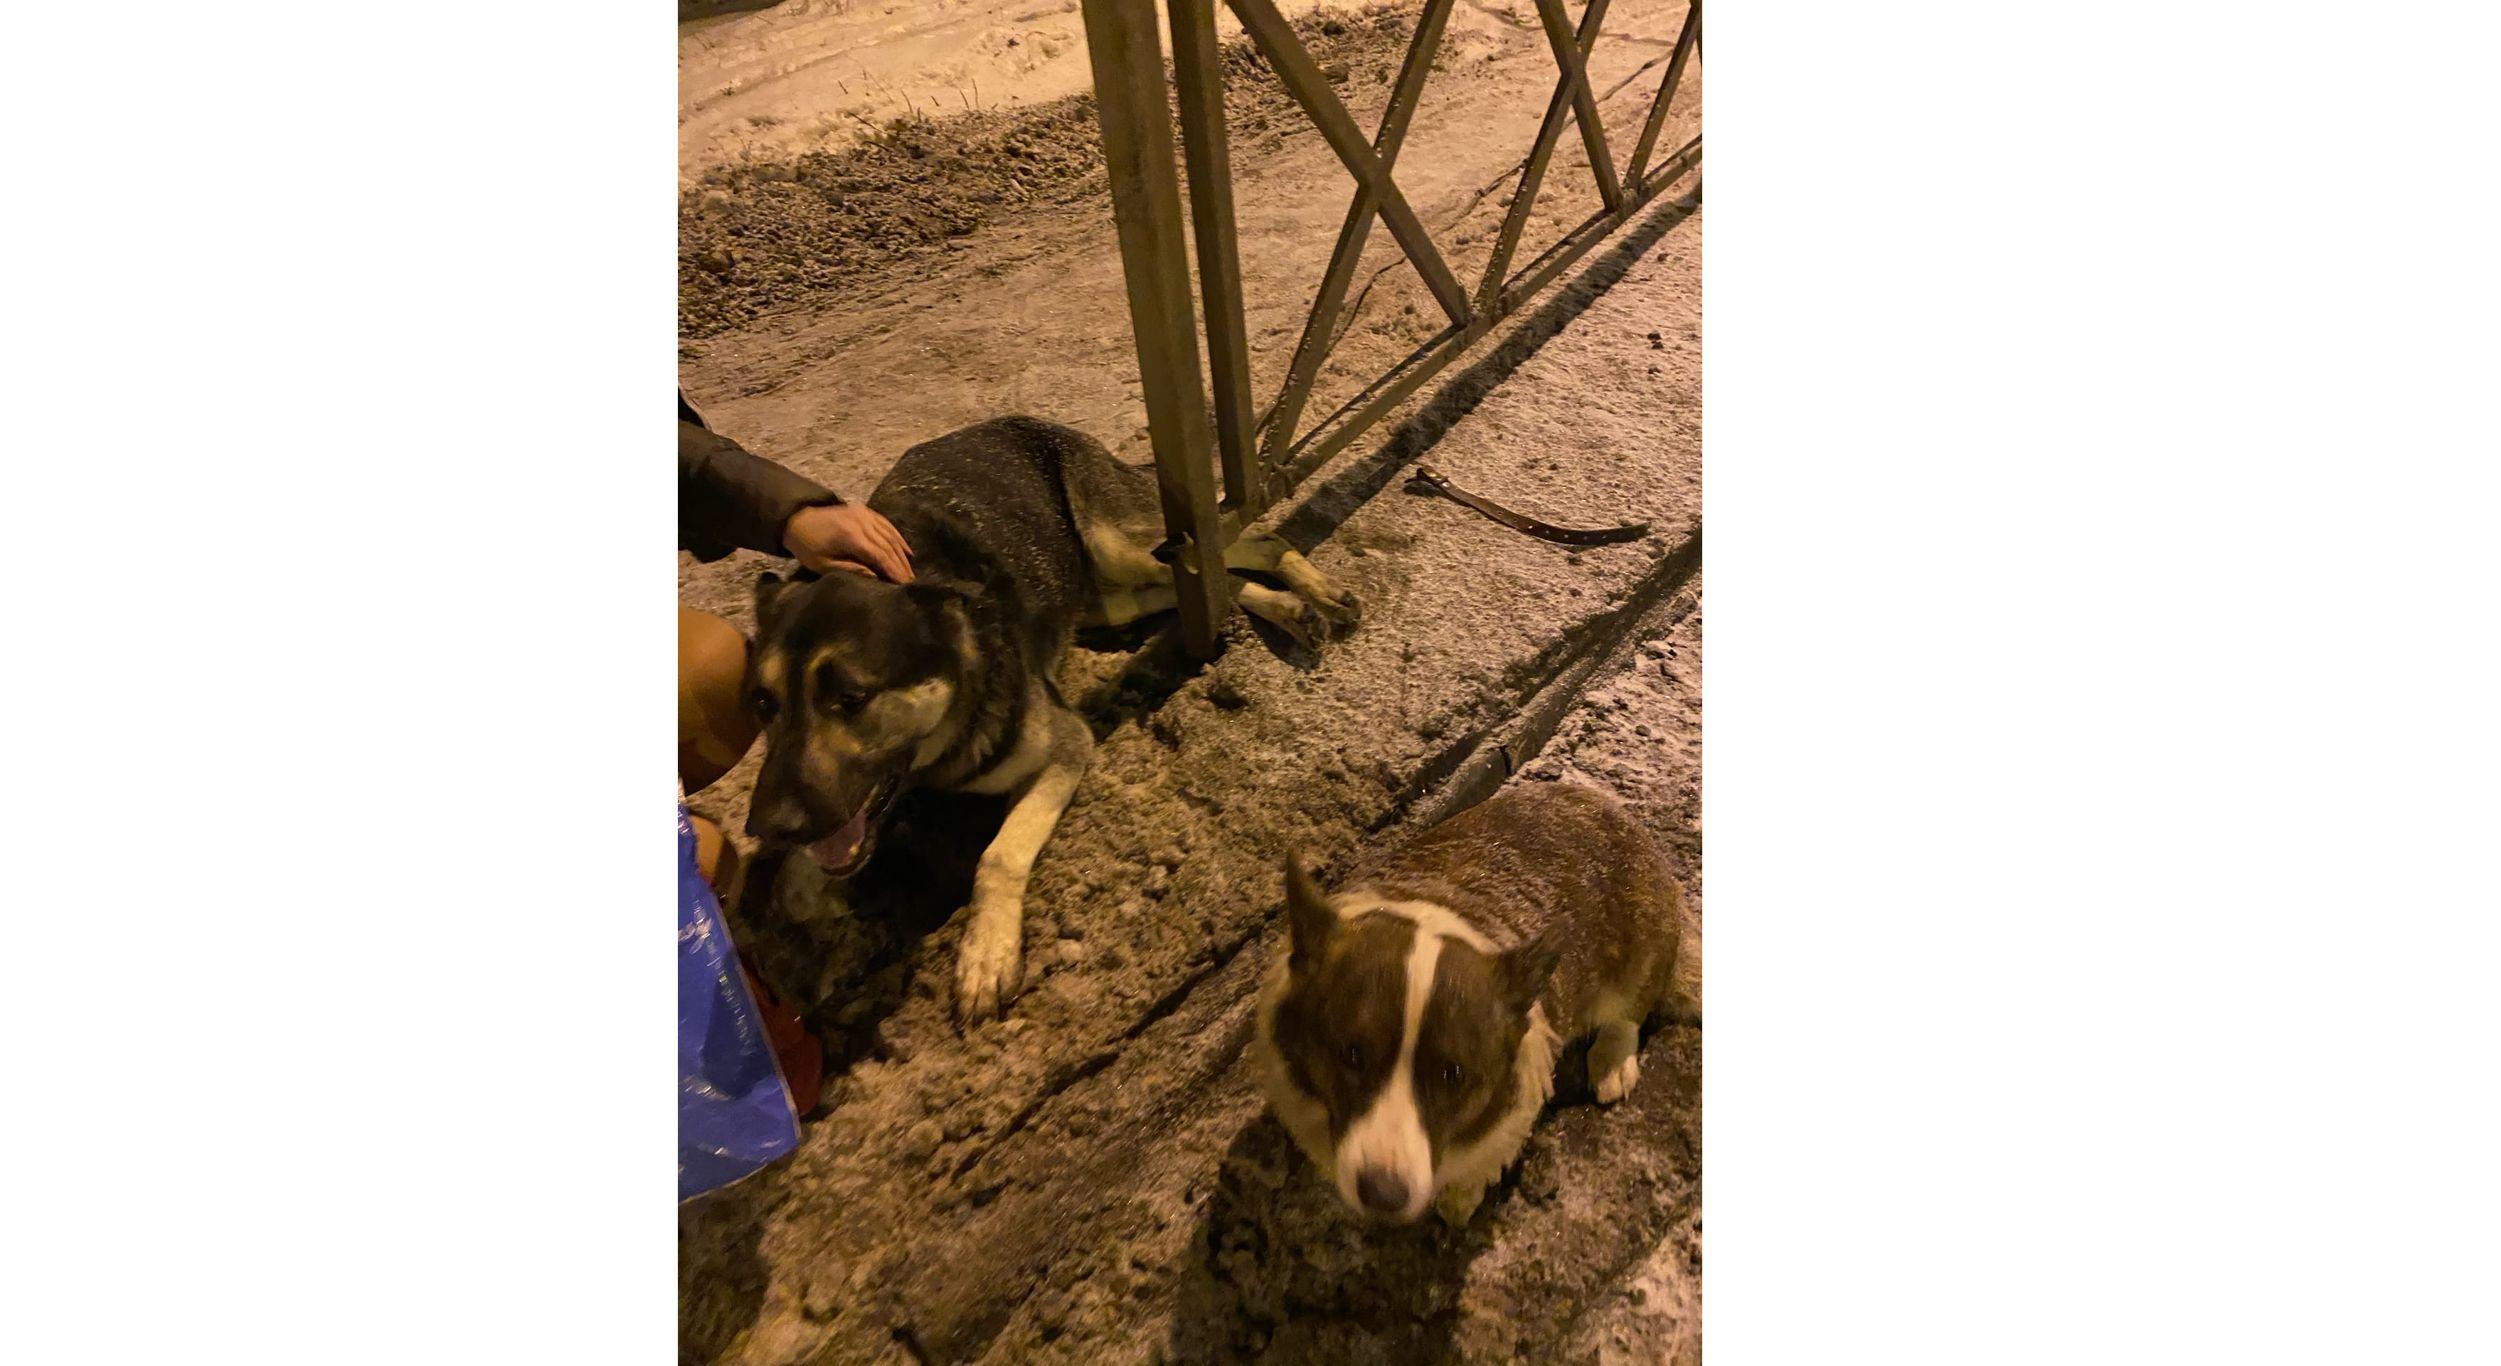 Летел на красный: в Ярославле маршрутка сбила двух собак и чуть не задела их хозяина